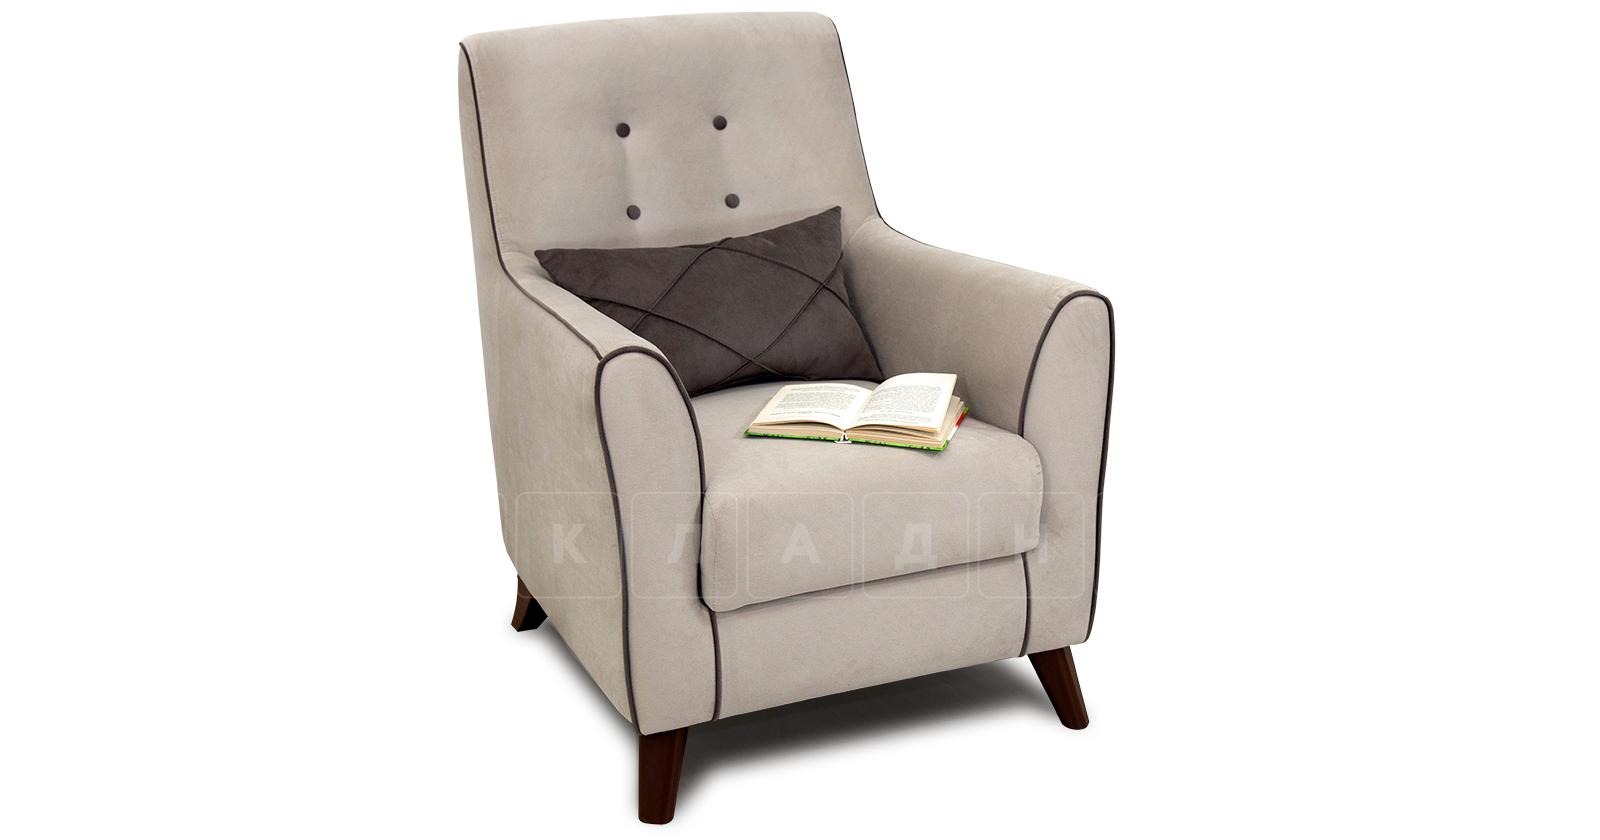 Кресло для отдыха Флэтфорд серо-бежевый фото 5 | интернет-магазин Складно